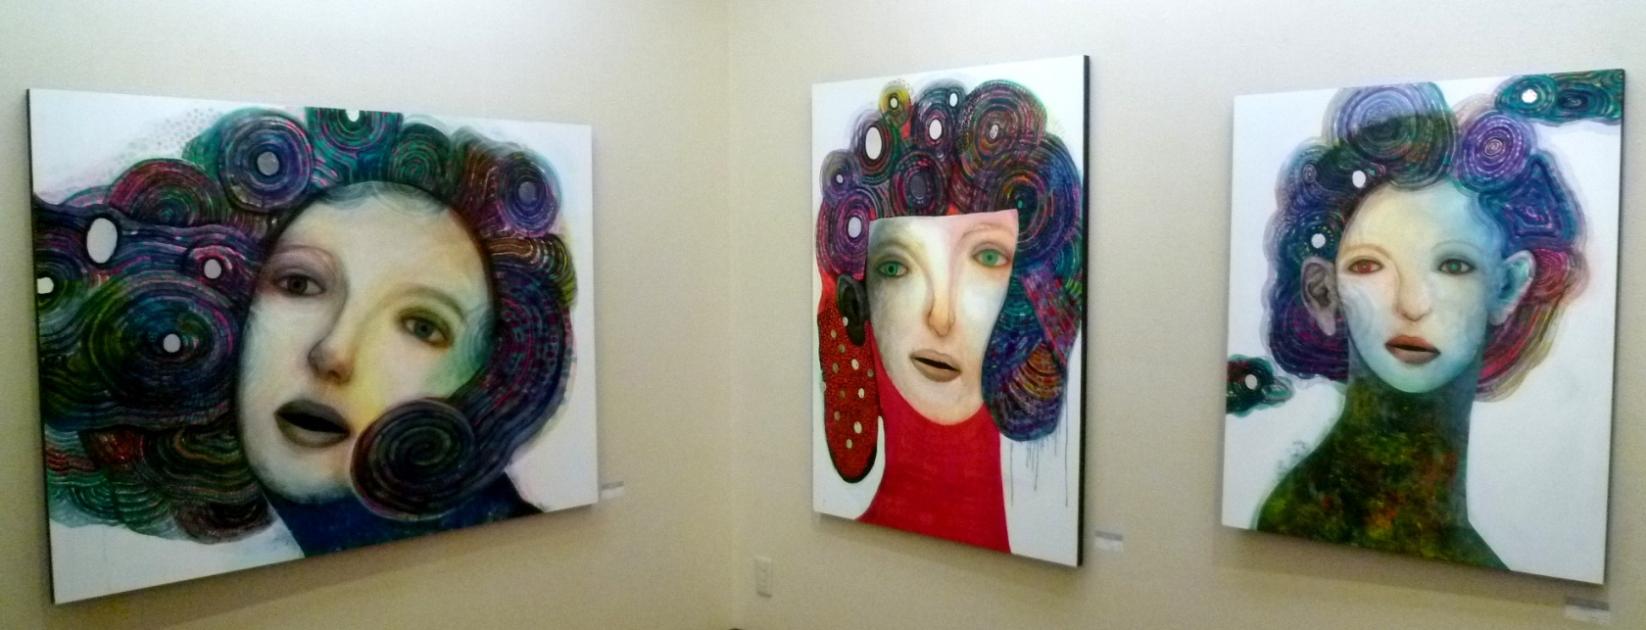 1534) ③「多摩美術大学版画科OB展 2011」 さいとう 終了1月25日(火)~1月30日(日)_f0126829_10215825.jpg